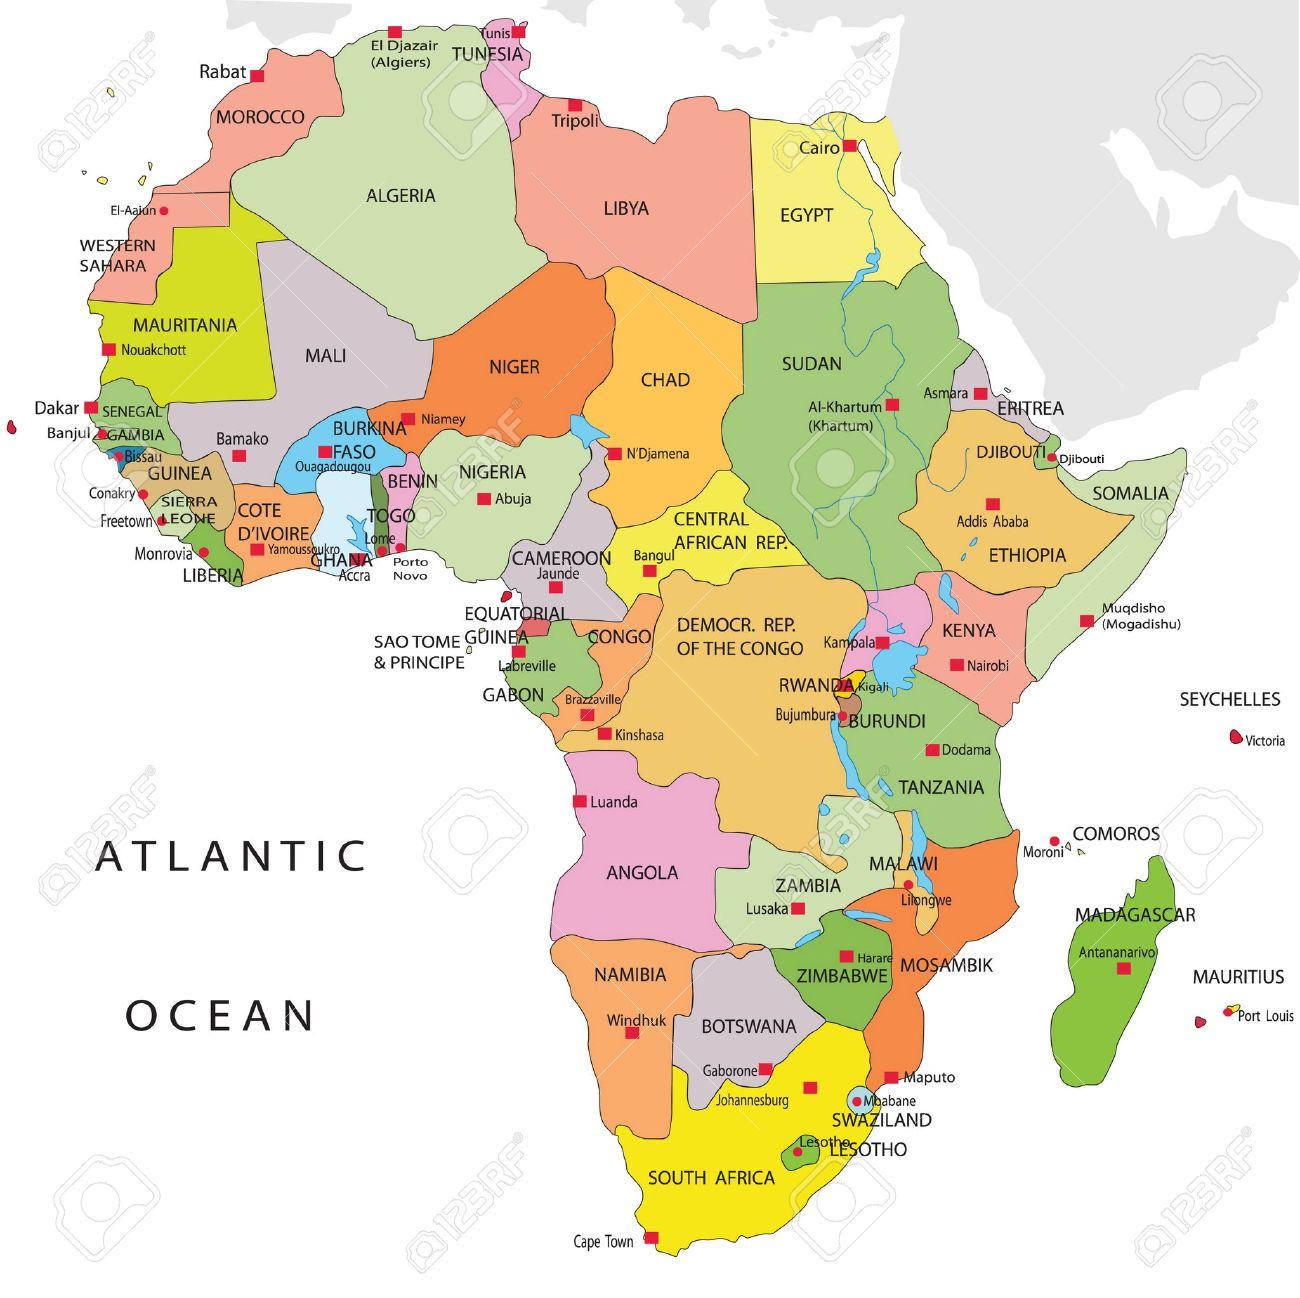 Mapa Politico De Africa En Español.Mapa Politico De Africa